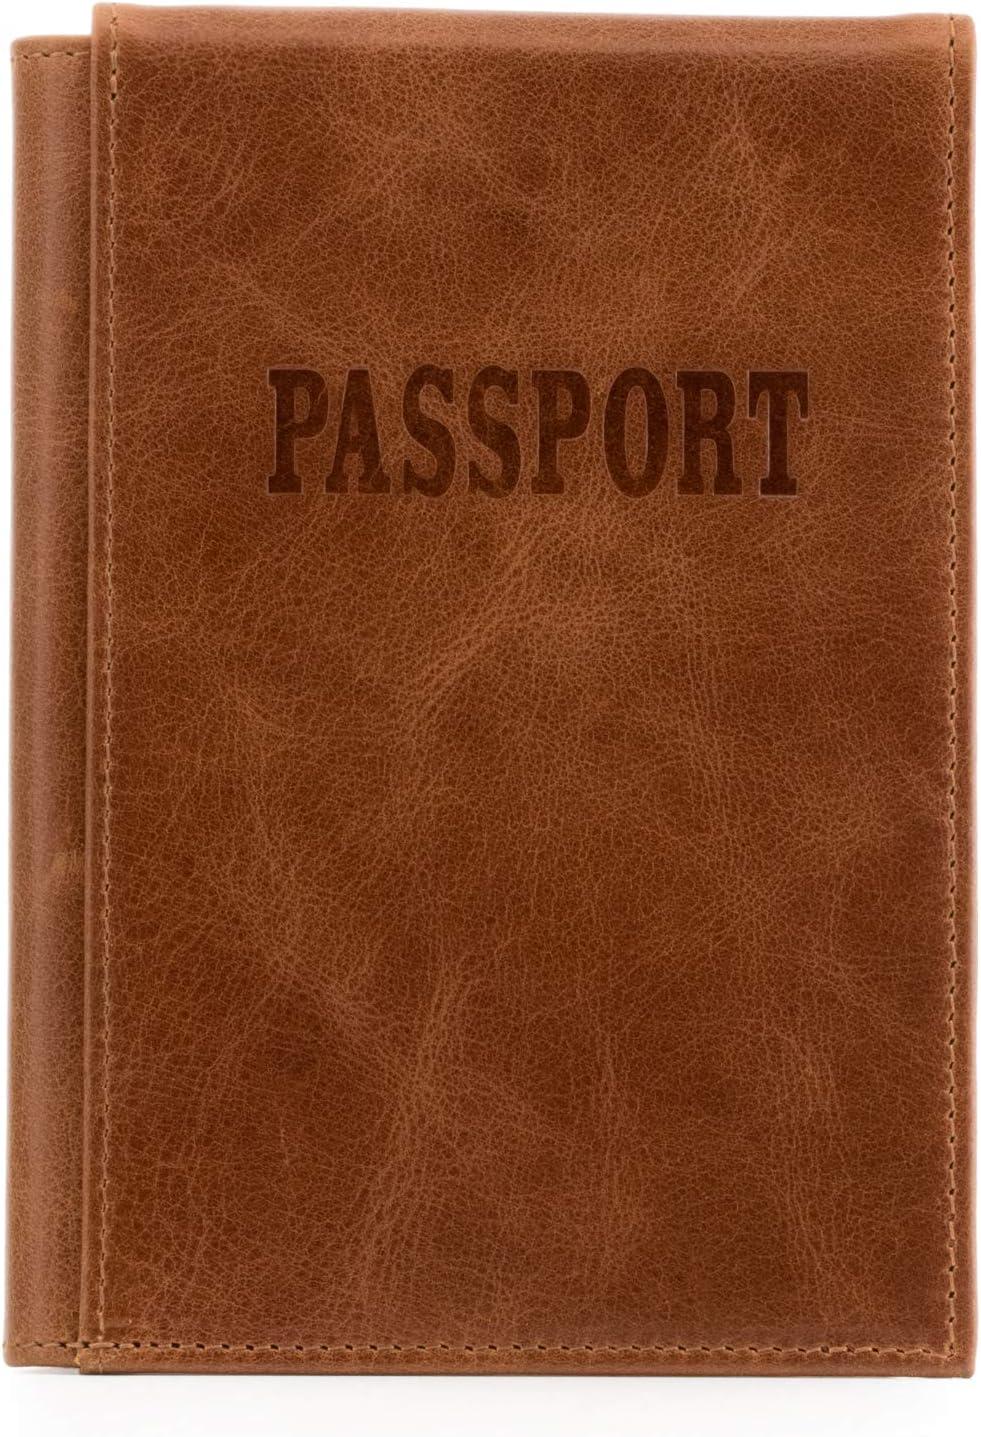 Otto Angelino - Porta Pasaporte de Cuero Real - Bloqueo de RFID, Compartimiento para Billetes de avión + Etiqueta para Equipaje (Marrón Claro)